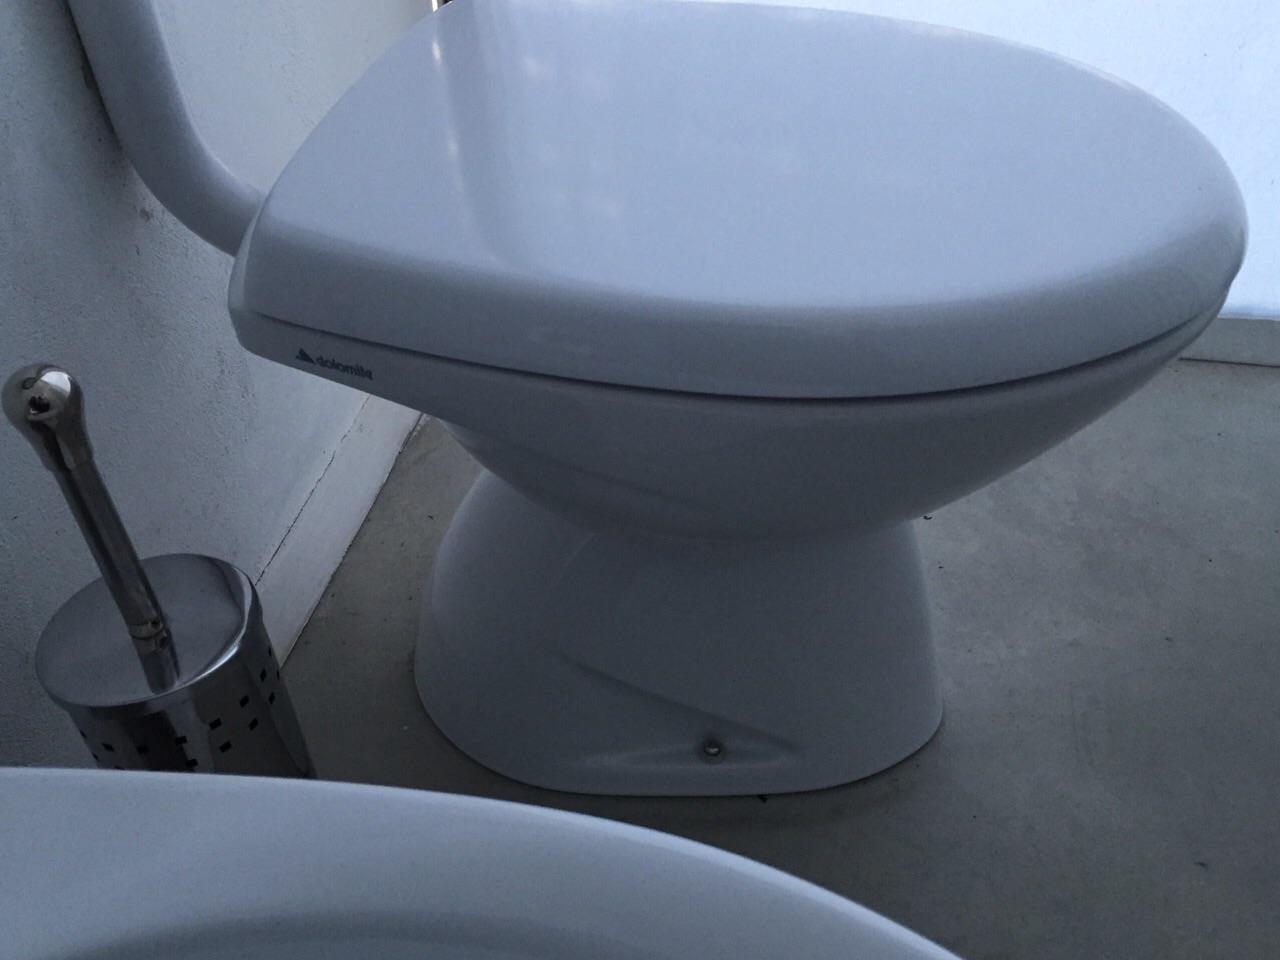 Sedile Wc Dolomite Perla.Sedile Wc Copriwater Per Modello Perla New Marca Dolomite Originale